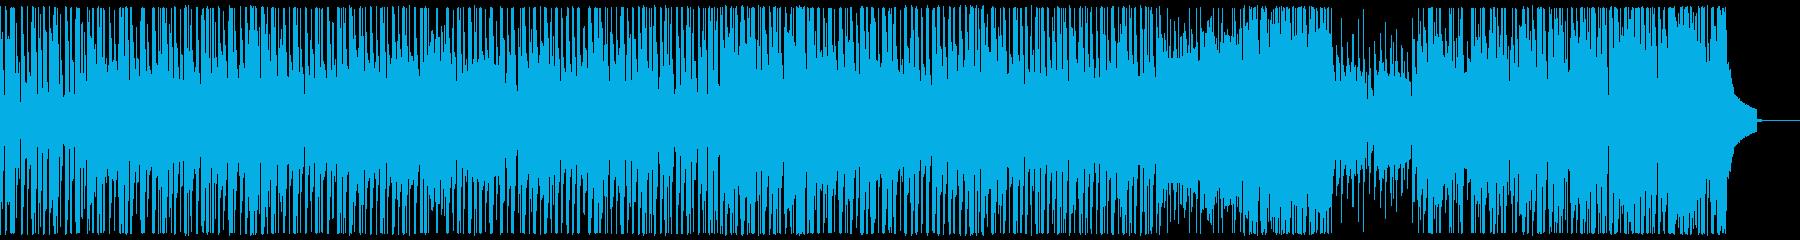 明るくほのぼのとしたポップスの再生済みの波形